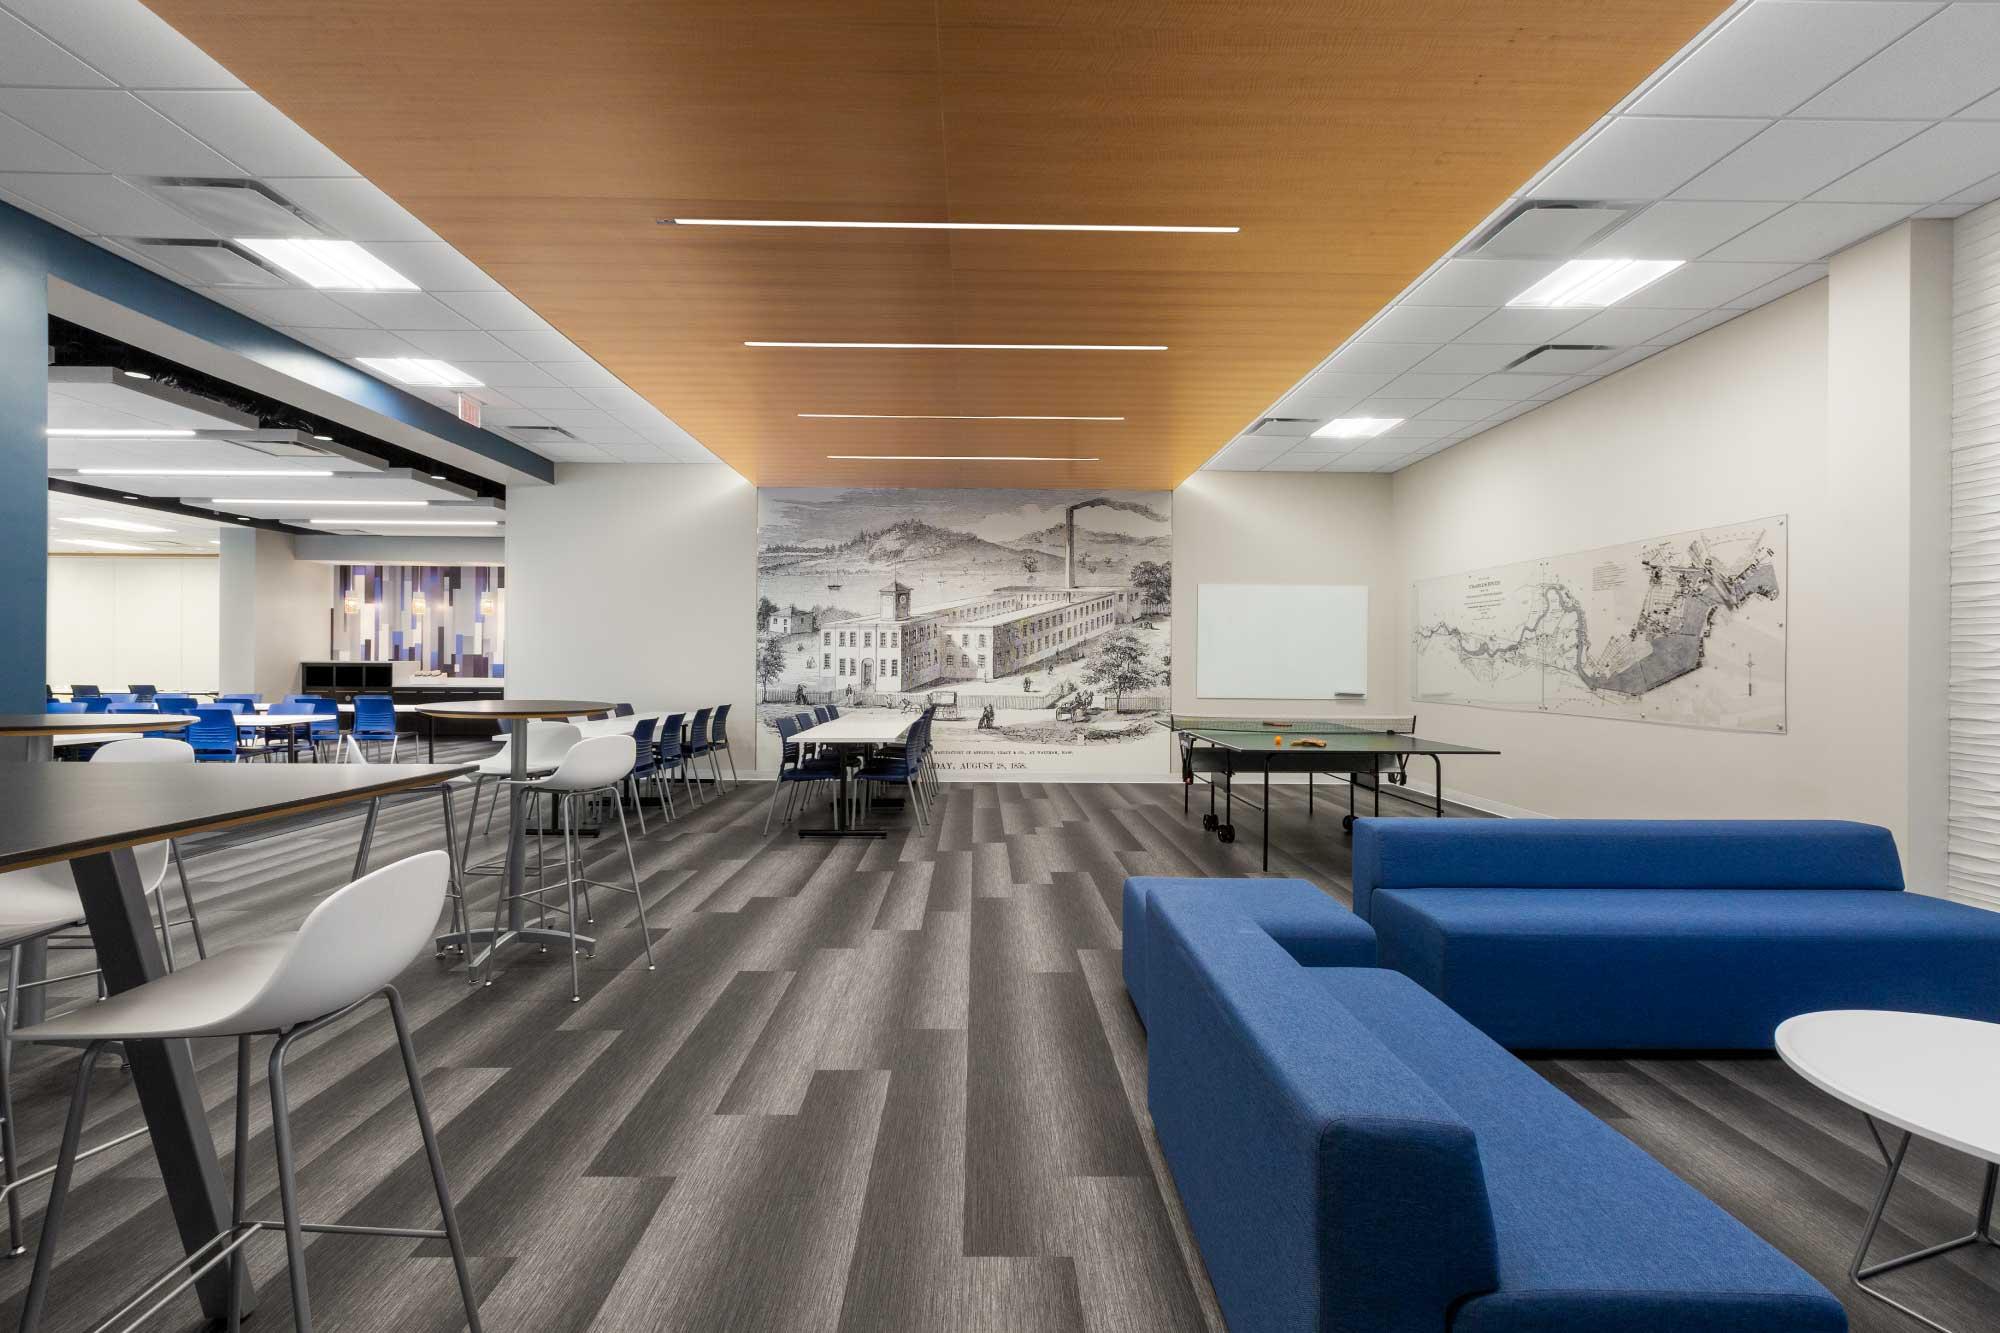 Olympus Scientific Solutions Corporate Interior Design